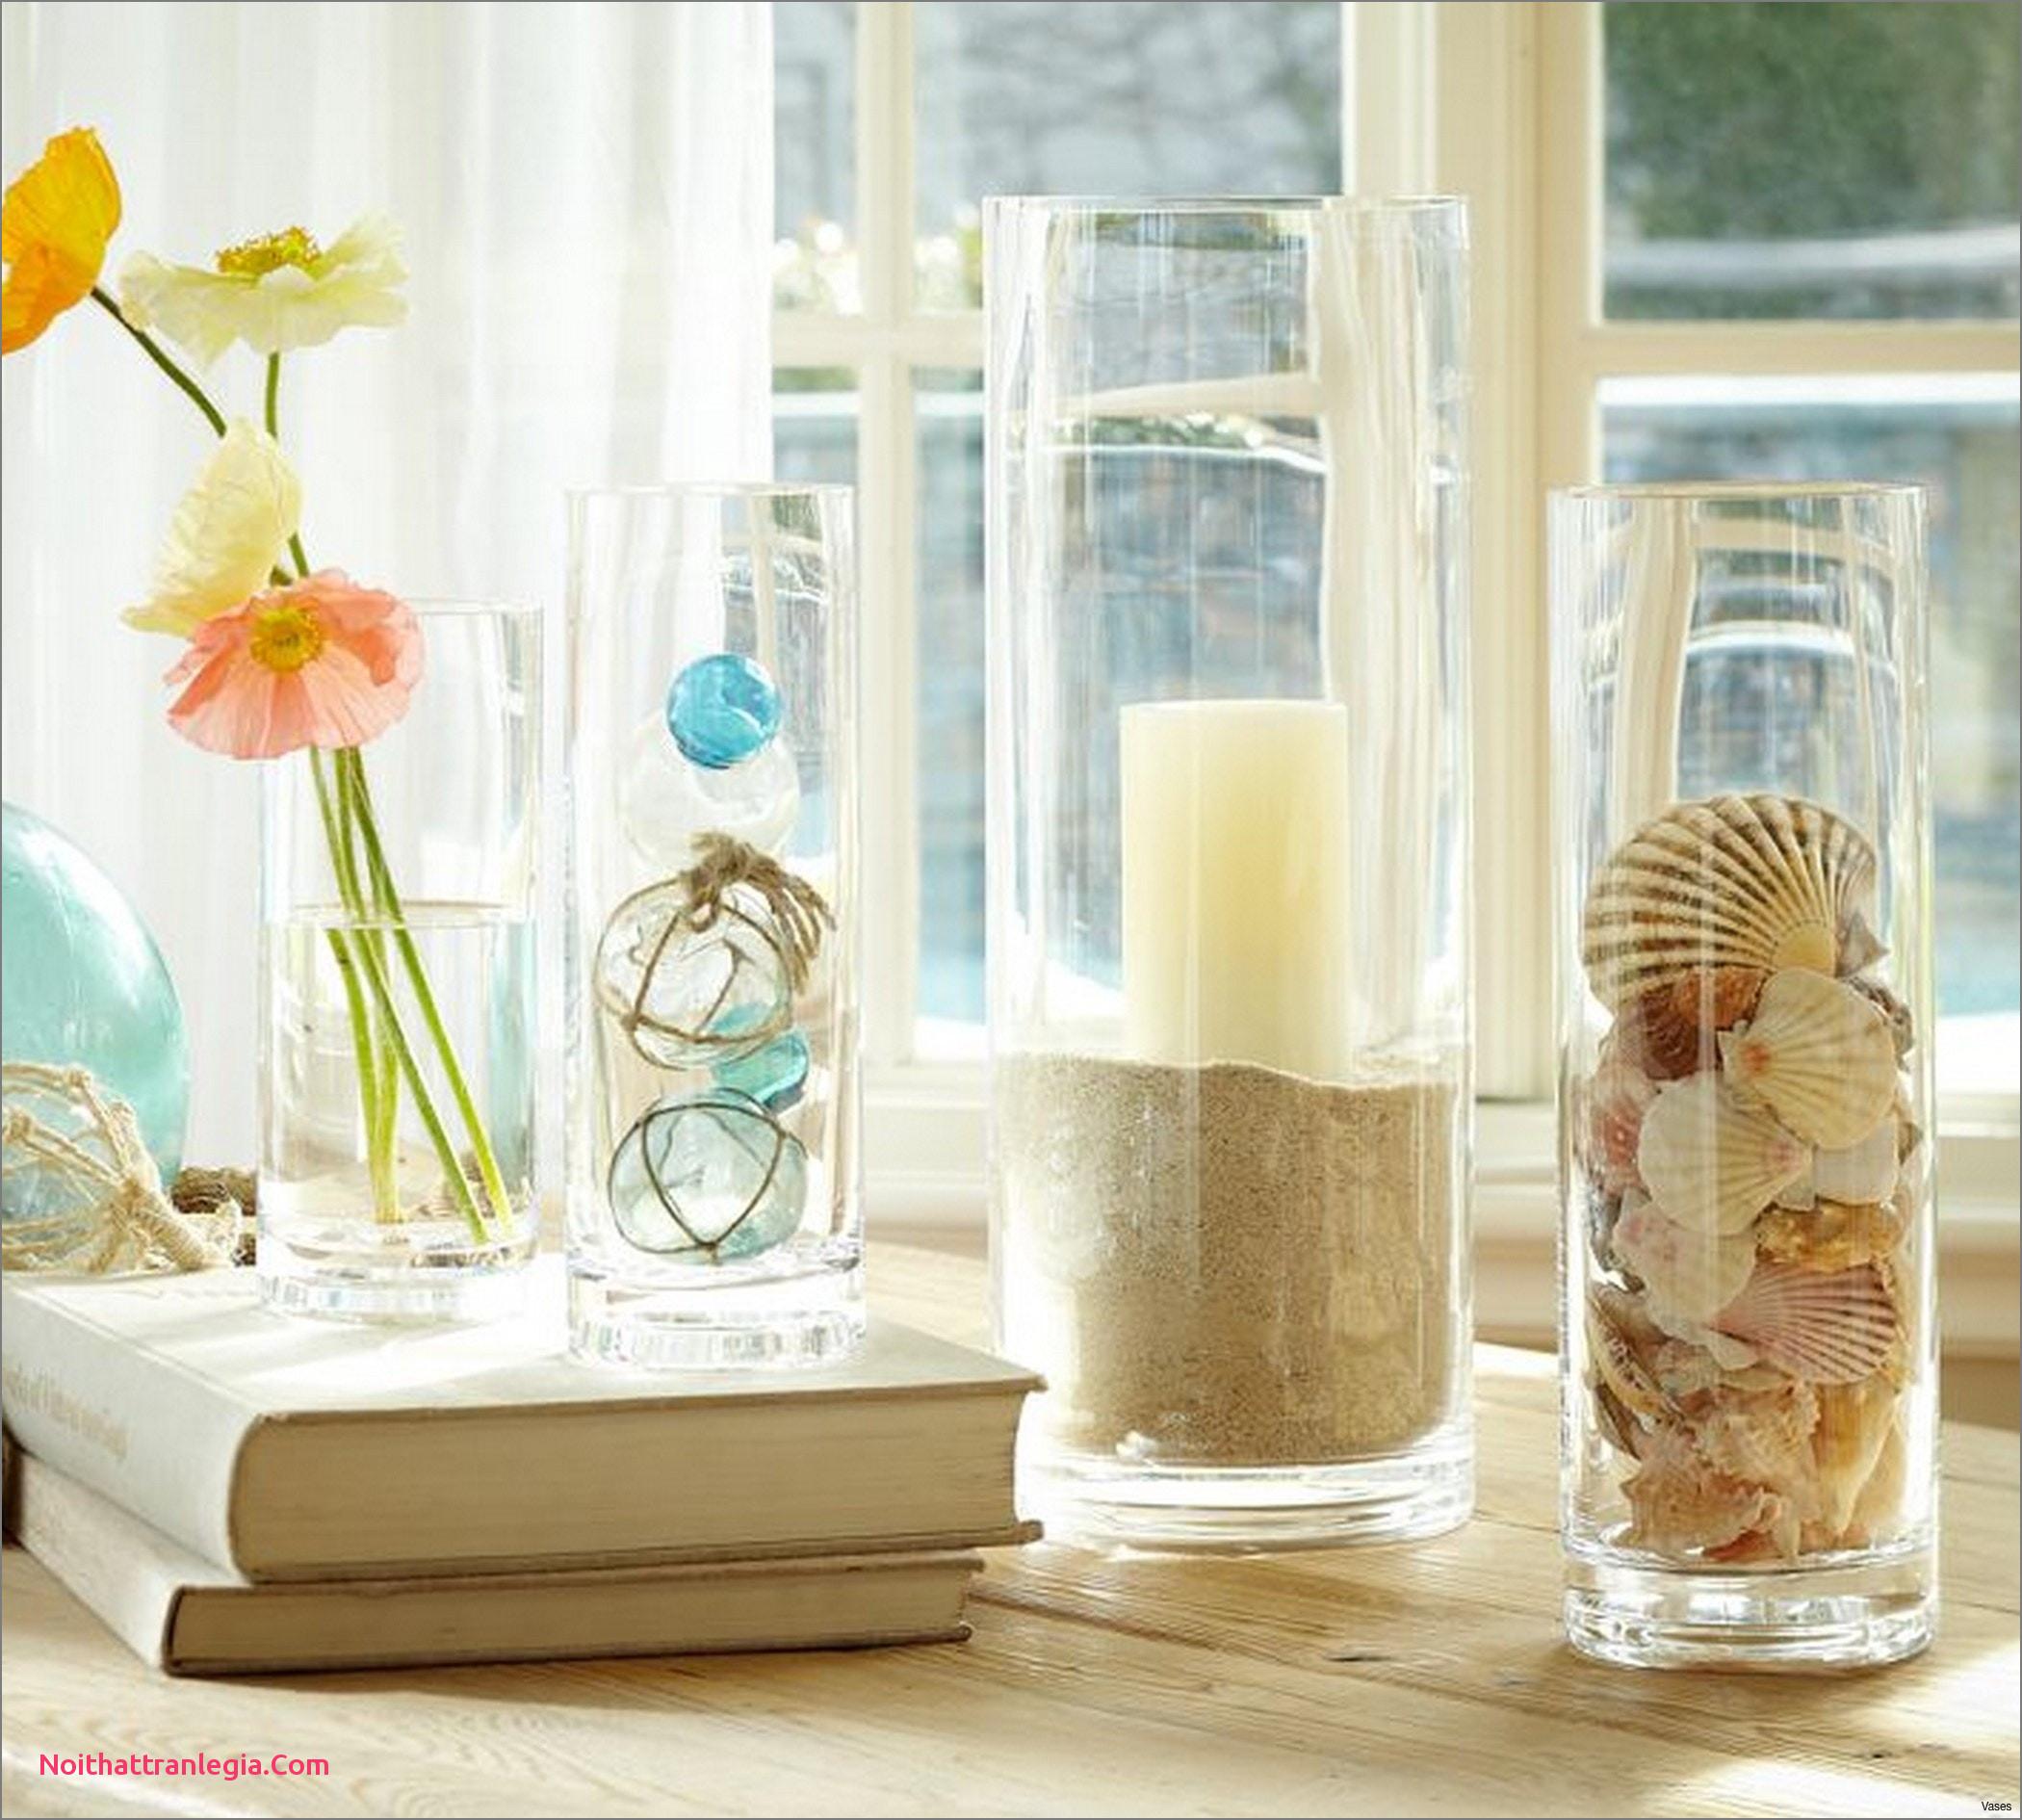 vintage glass bottle vase of 20 how to make mercury glass vases noithattranlegia vases design within glass vase fillers vase filler ideas 5h vases summer 5i 0d inspiration vase